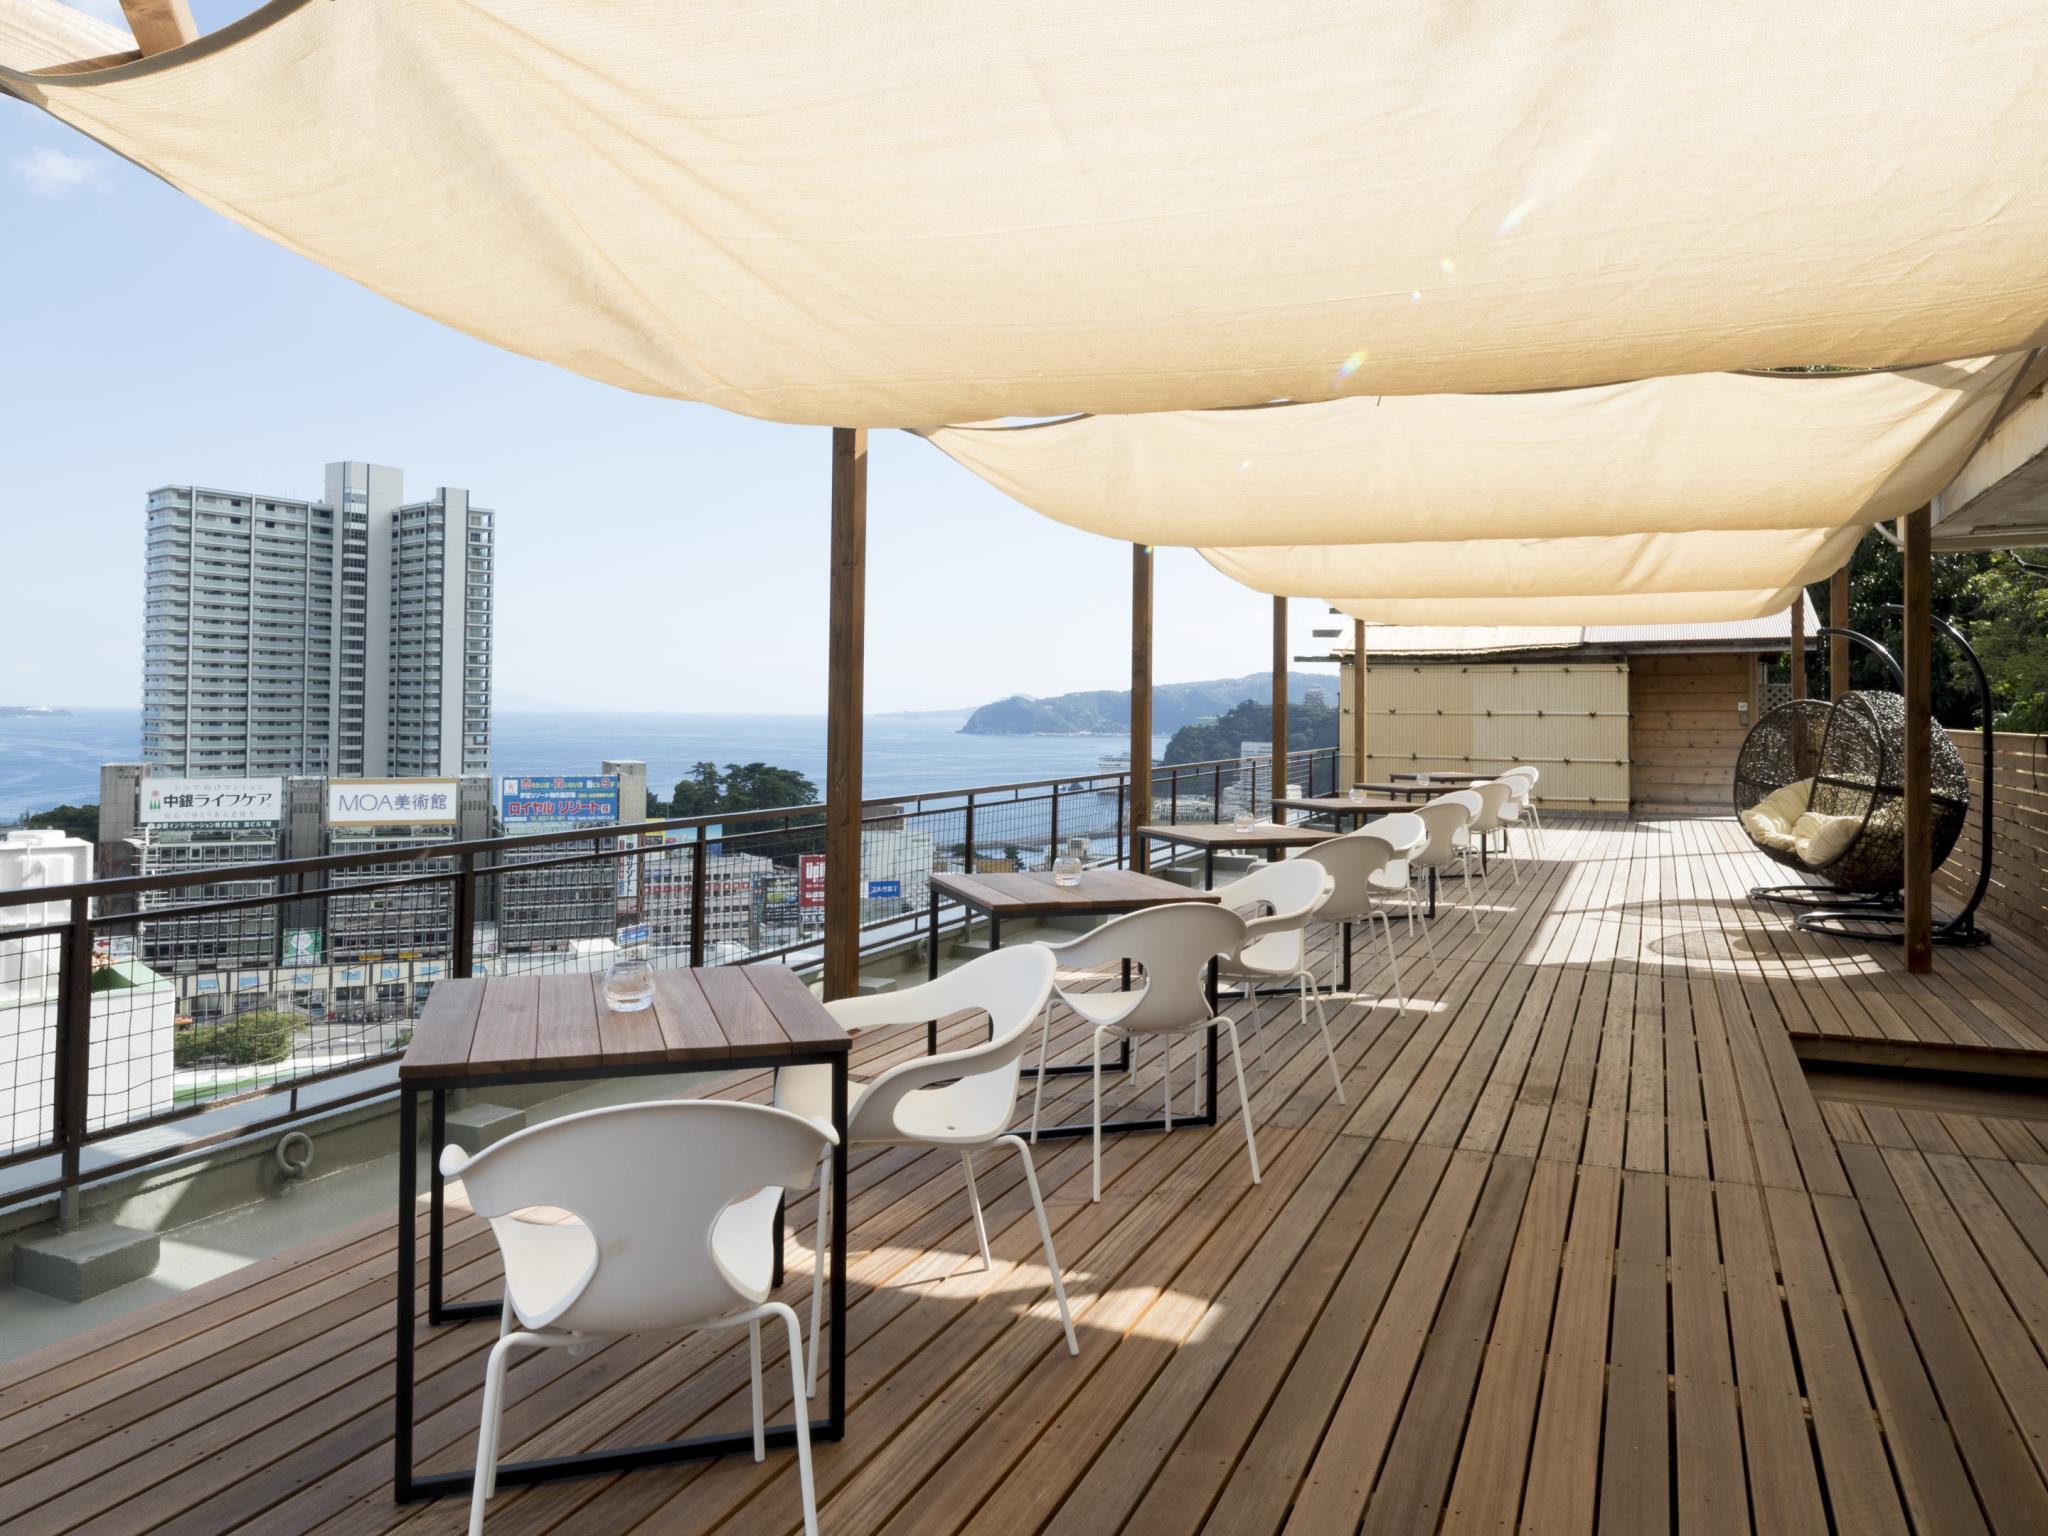 TKP Hotel And Resort Lectore Atami Momoyama